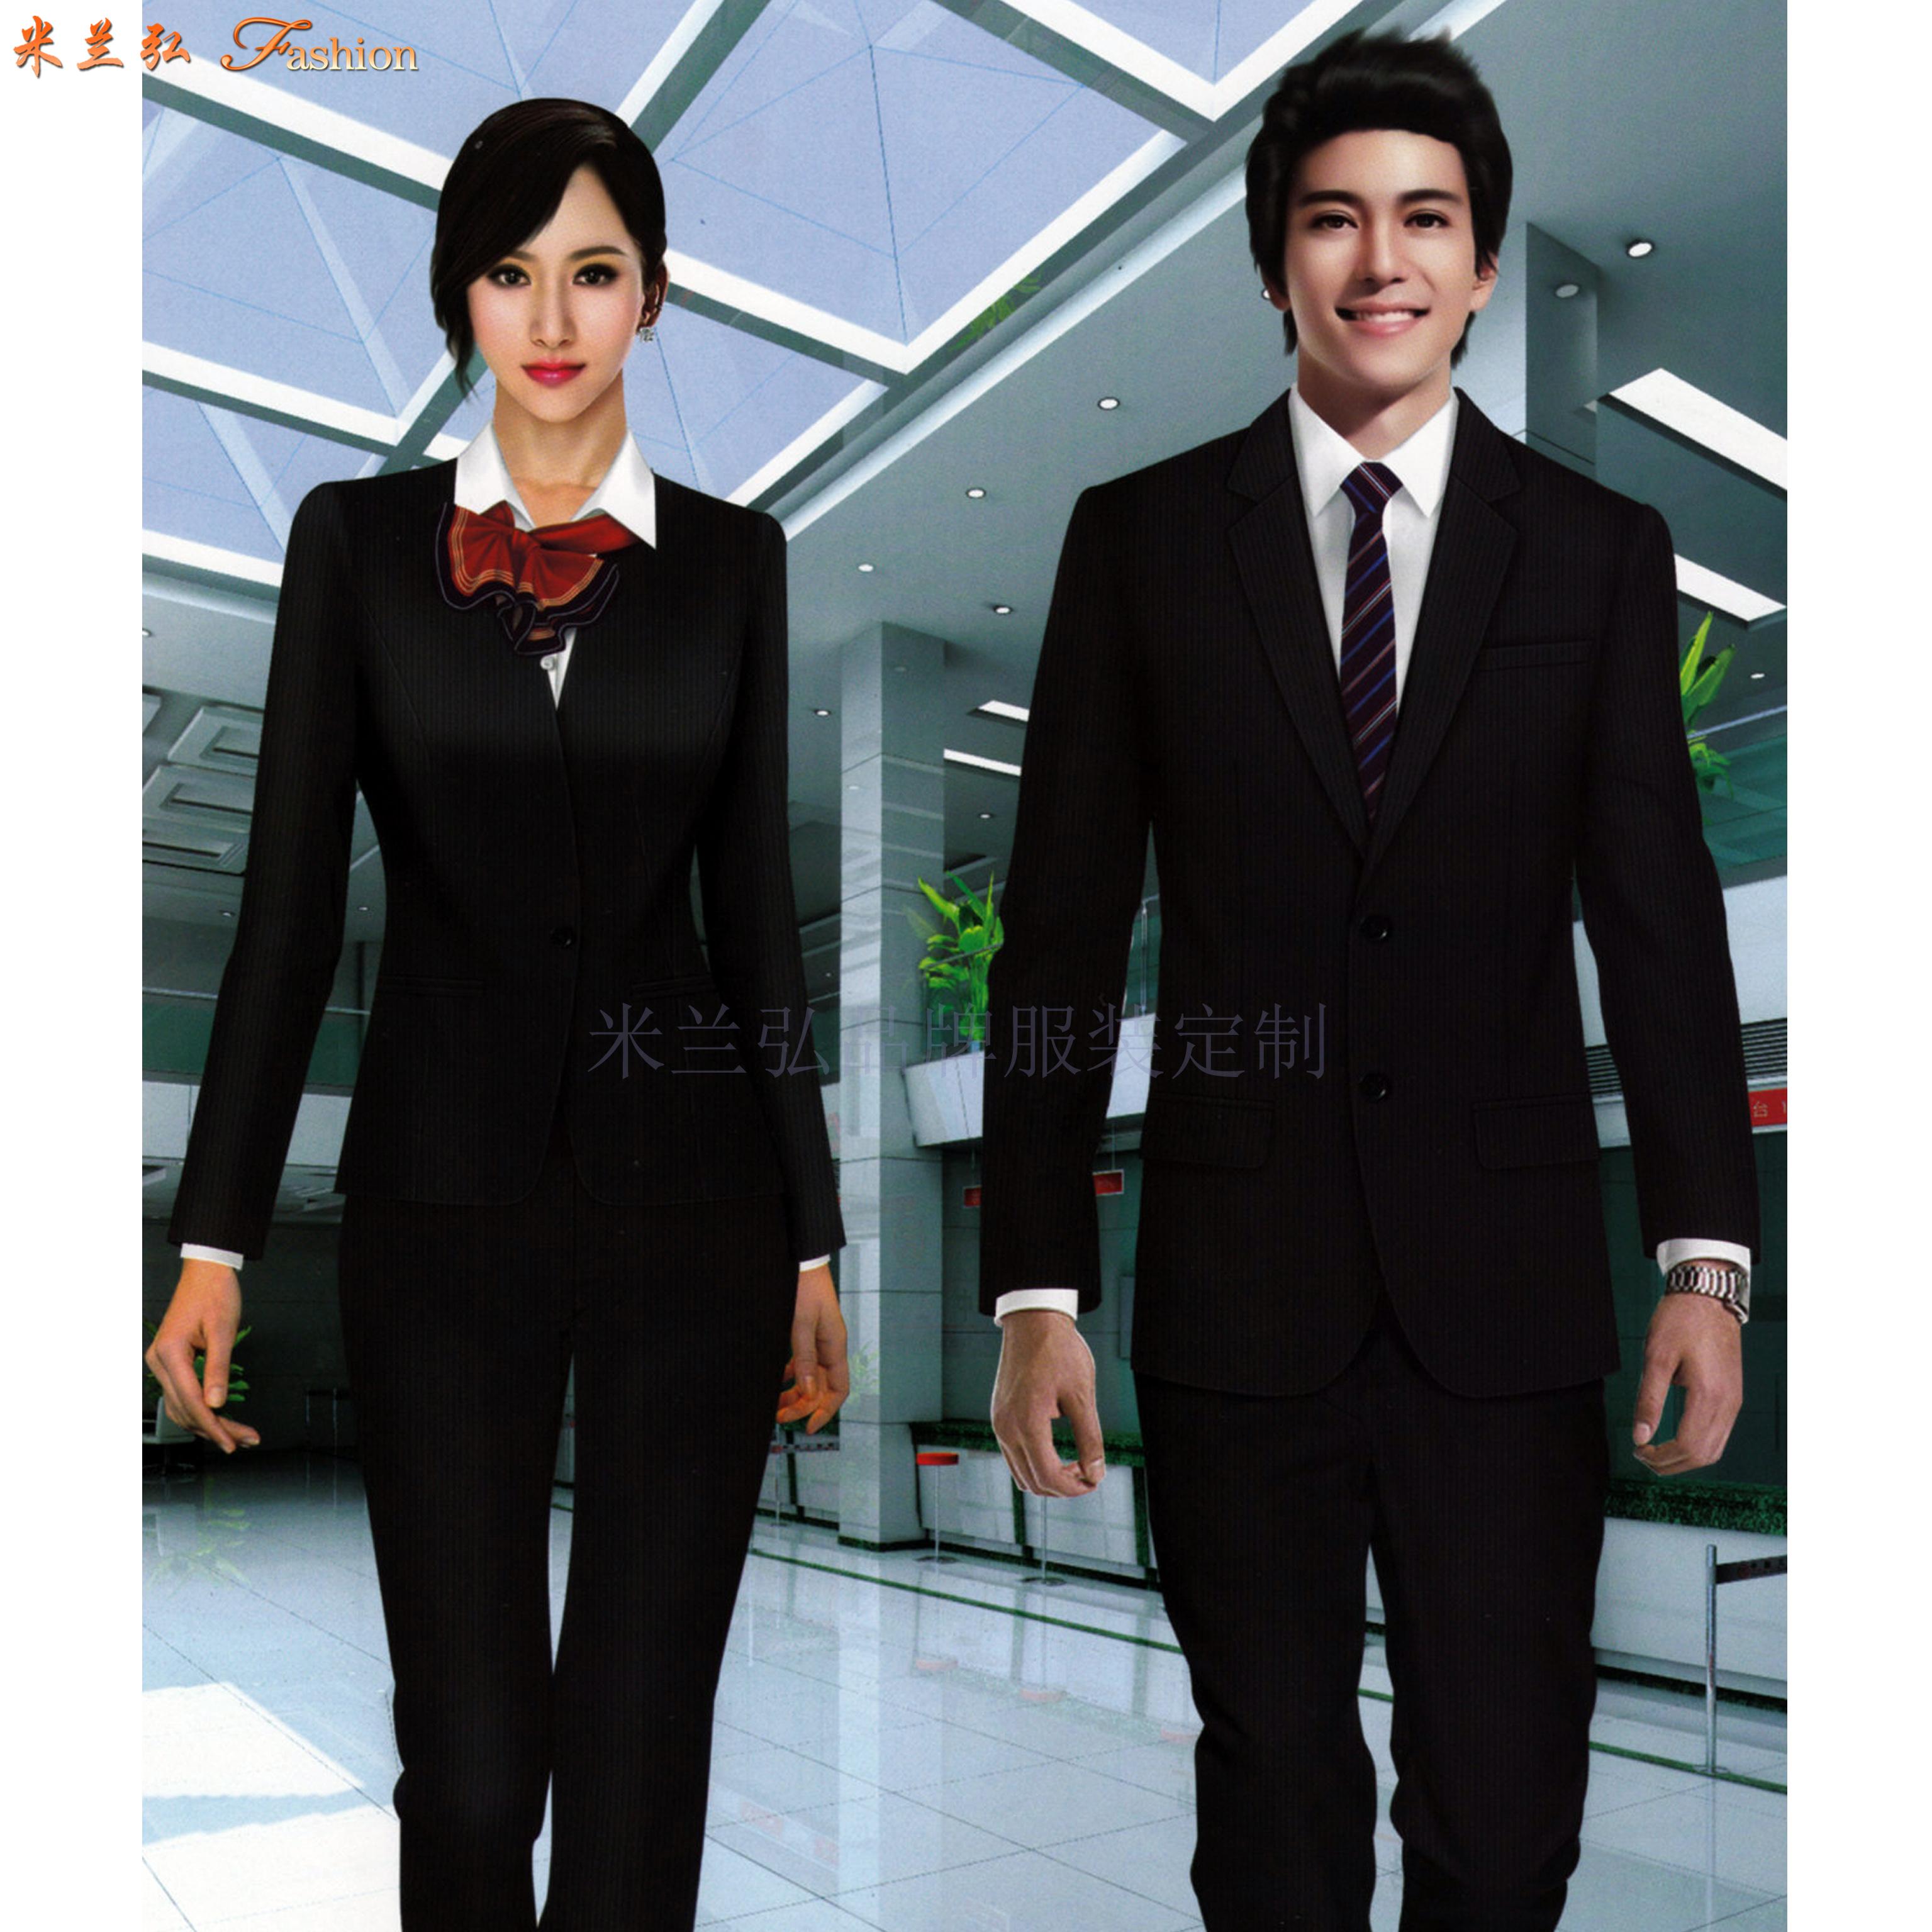 「北京西装定制」「北京西装订制」-米兰弘品牌西装👍-1